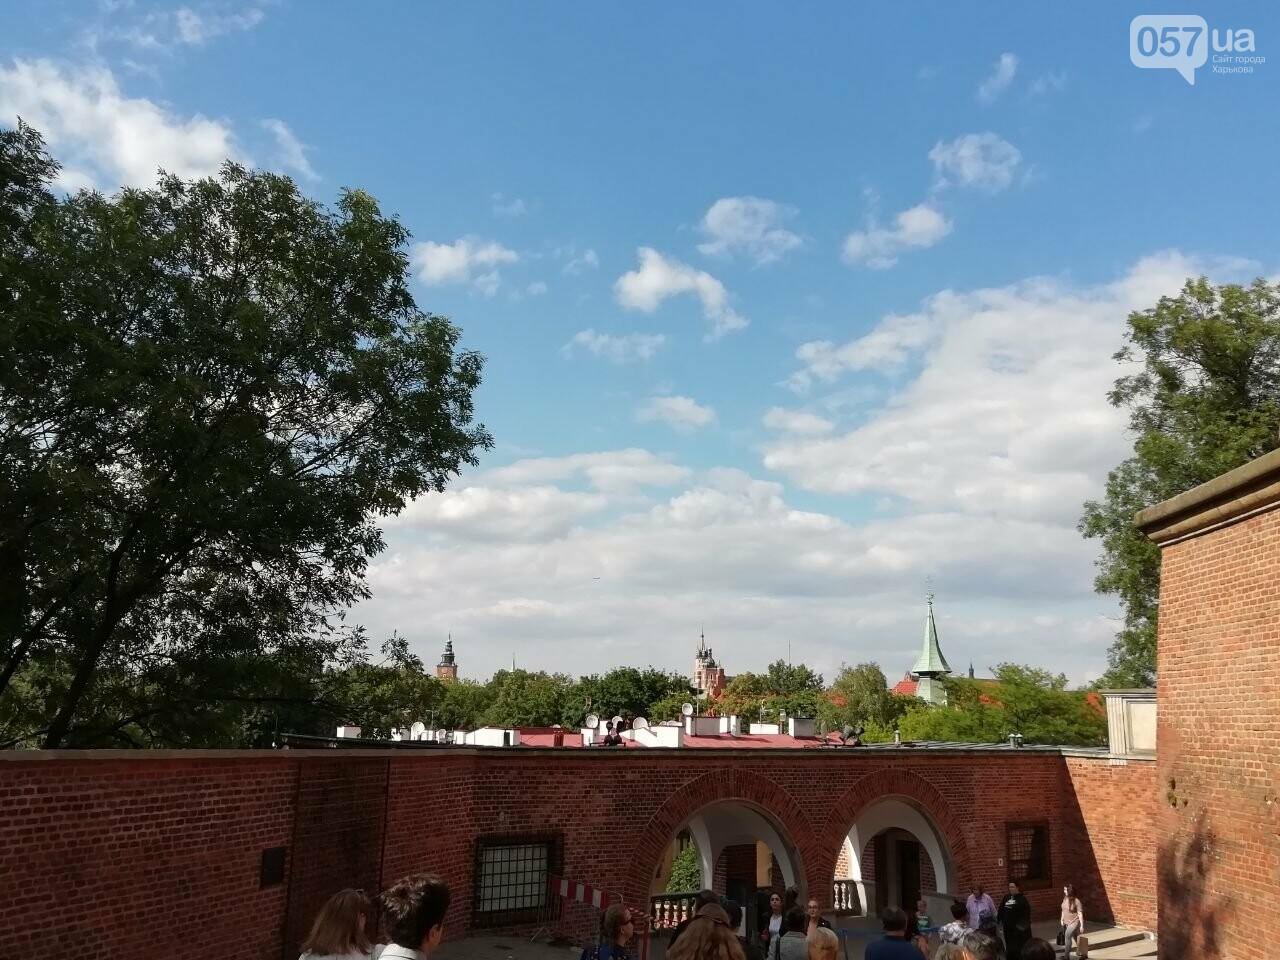 Из Харькова в Краков: Королевский замок, средневековые здания и музей под землей, - ФОТО, фото-27